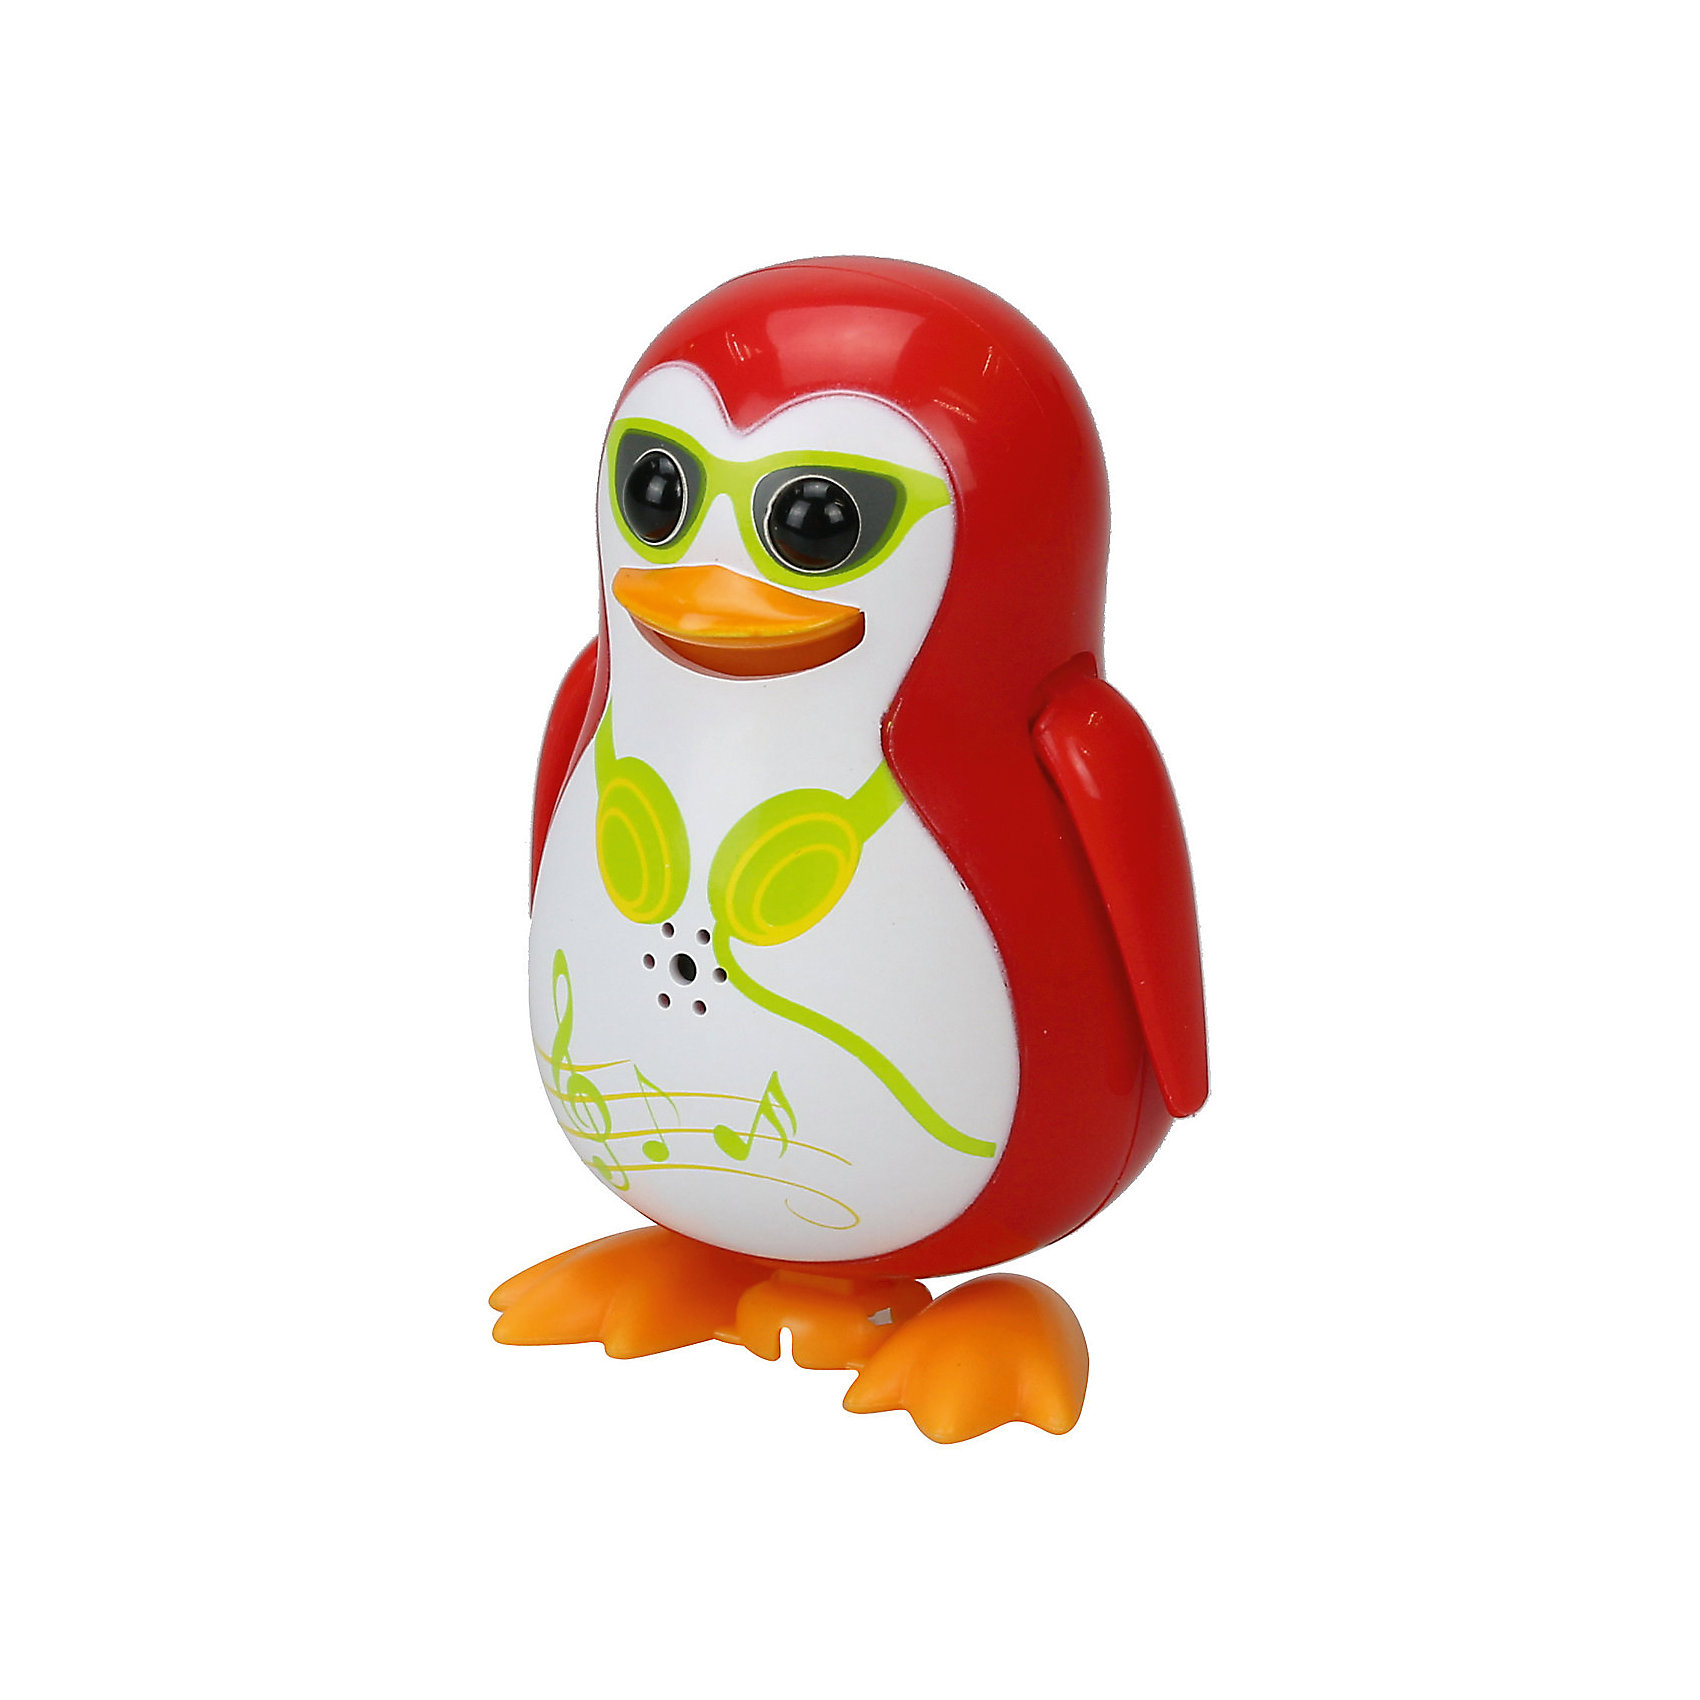 Поющий пингвин с кольцом, красный, DigiBirdsИнтерактивные животные<br>Характеристики товара:<br><br>- цвет: красный;<br>- материал: пластик, металл;<br>- батарейки: 3xAG13/LR44, в комплекте;<br>- размер упаковки: 16x10x7 см;<br>- умеет петь, танцевать.<br><br>Такая игрушка в виде пингвина поможет ребенку весело проводить время - она умеет петь и танцевать. Это выглядит очень забавно! Игрушка реагирует на звук от специального свистка, который входит в комплект, или на дуновение. Также можно приобрести другие игрушки из этой серии - тогда они будут петь хором!<br>Пингвин способен помогать всестороннему развитию ребенка: развивать тактильное восприятие, мелкую моторику, воображение, внимание и логику. Изделие произведено из качественных материалов, безопасных для ребенка. Набор станет отличным подарком детям!<br><br>Игрушку Поющий пингвин с кольцом, красный от бренда DigiBirds можно купить в нашем интернет-магазине.<br><br>Ширина мм: 64<br>Глубина мм: 152<br>Высота мм: 102<br>Вес г: 91<br>Возраст от месяцев: 36<br>Возраст до месяцев: 2147483647<br>Пол: Женский<br>Возраст: Детский<br>SKU: 5156840